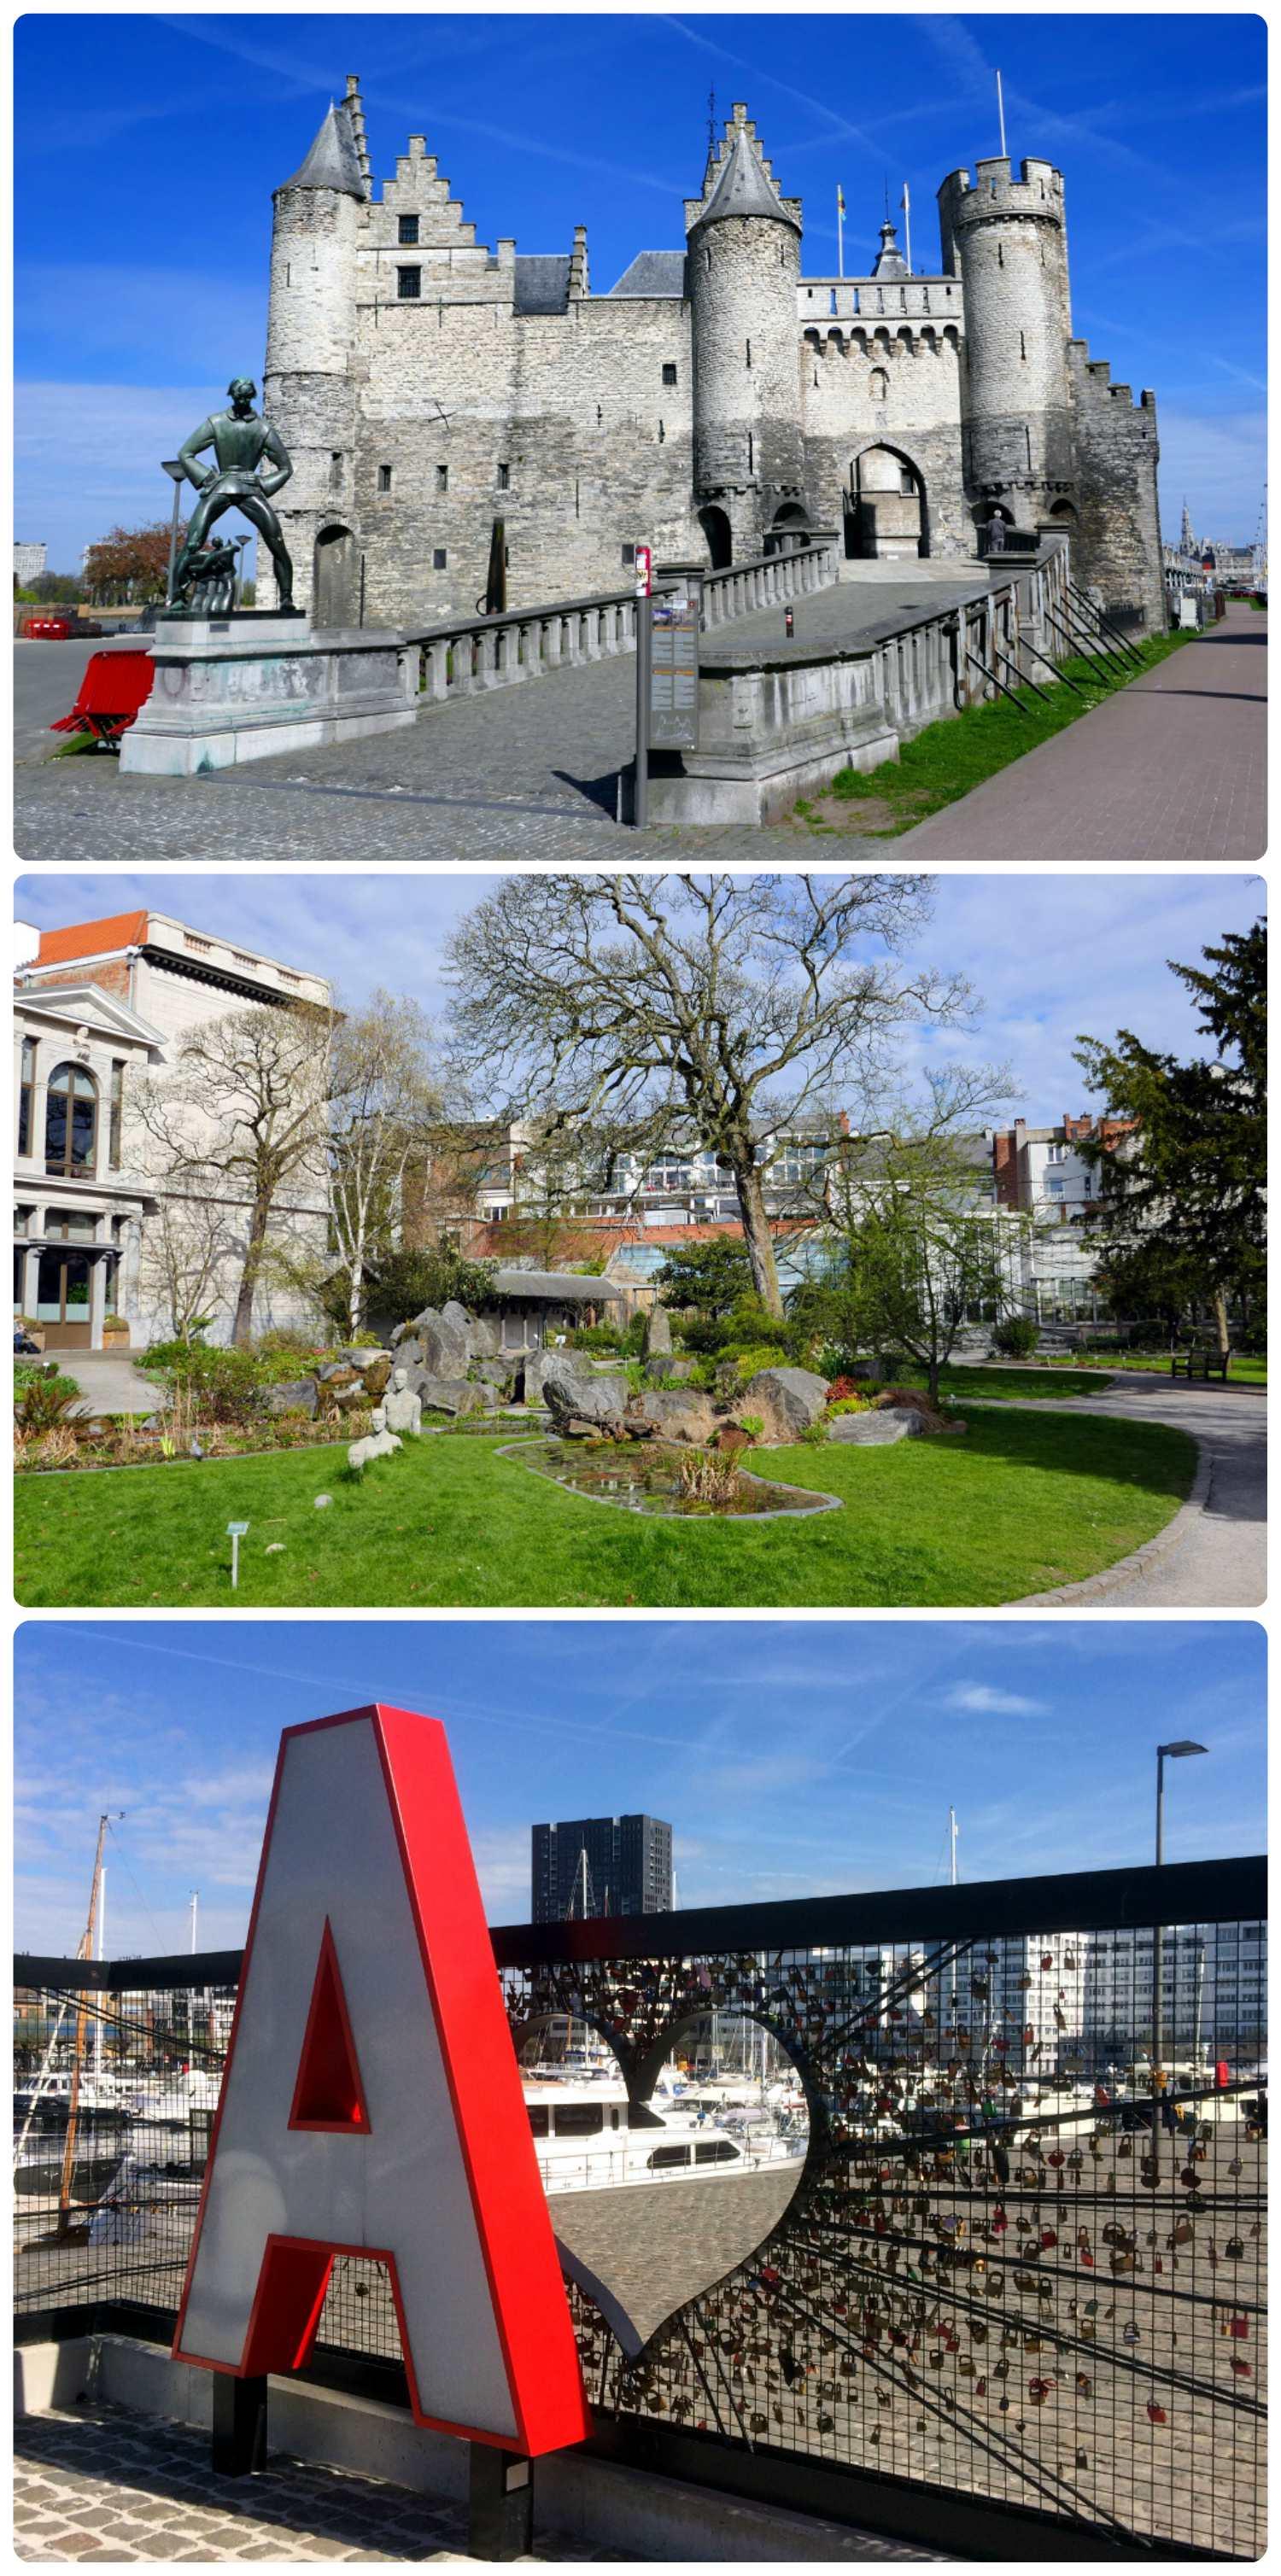 Antwerp, Belgium. Top to bottom: Steen Castle, Botanical Garden, Antwerp sign at Willemdok.